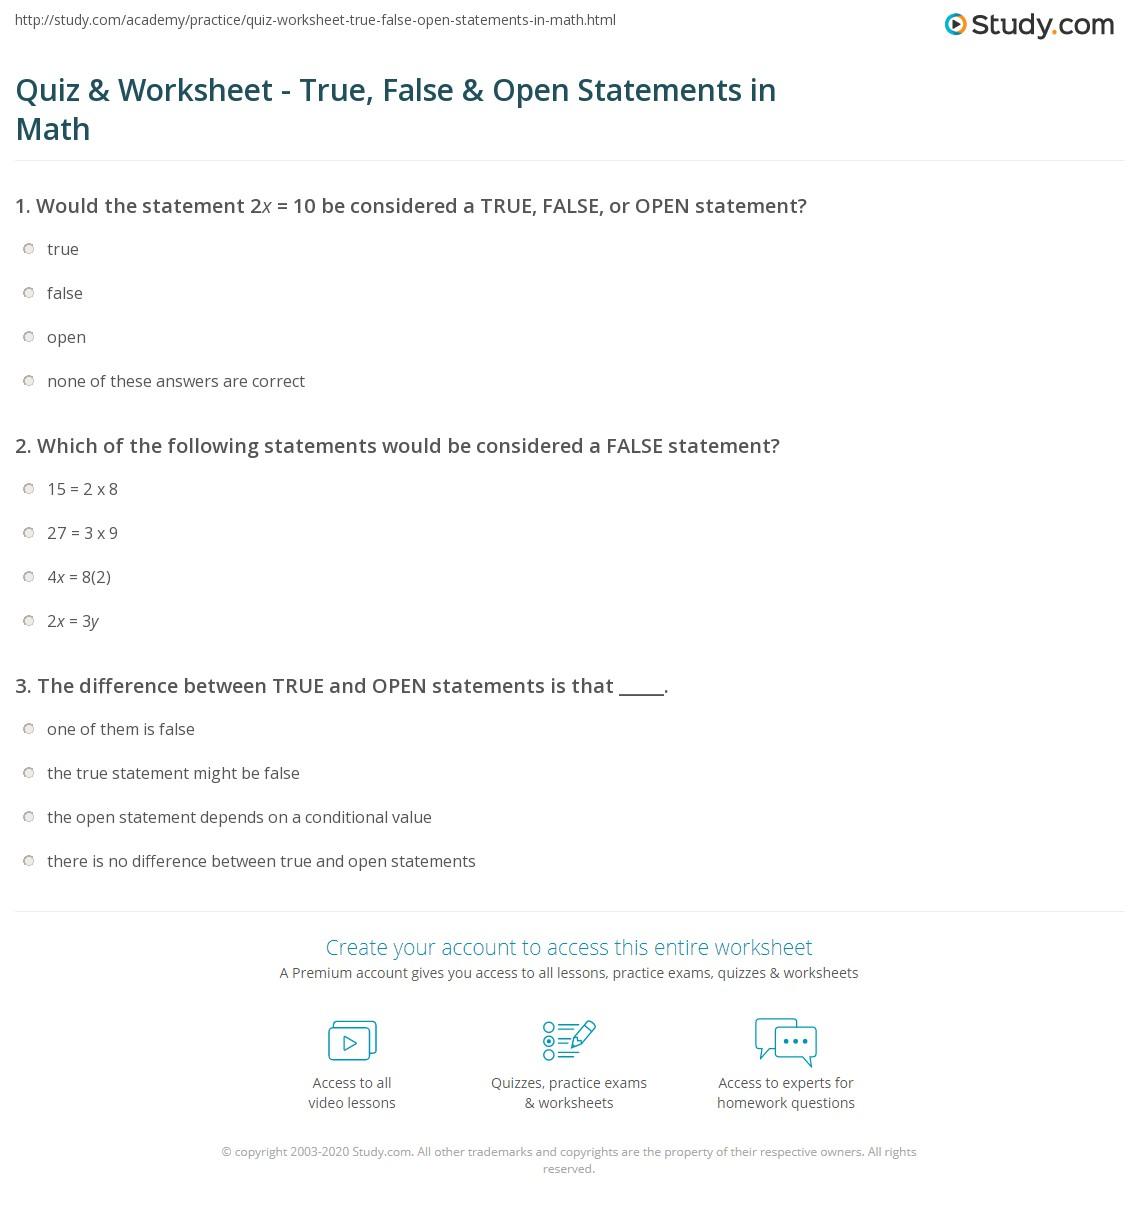 True Or False Statement Worksheet